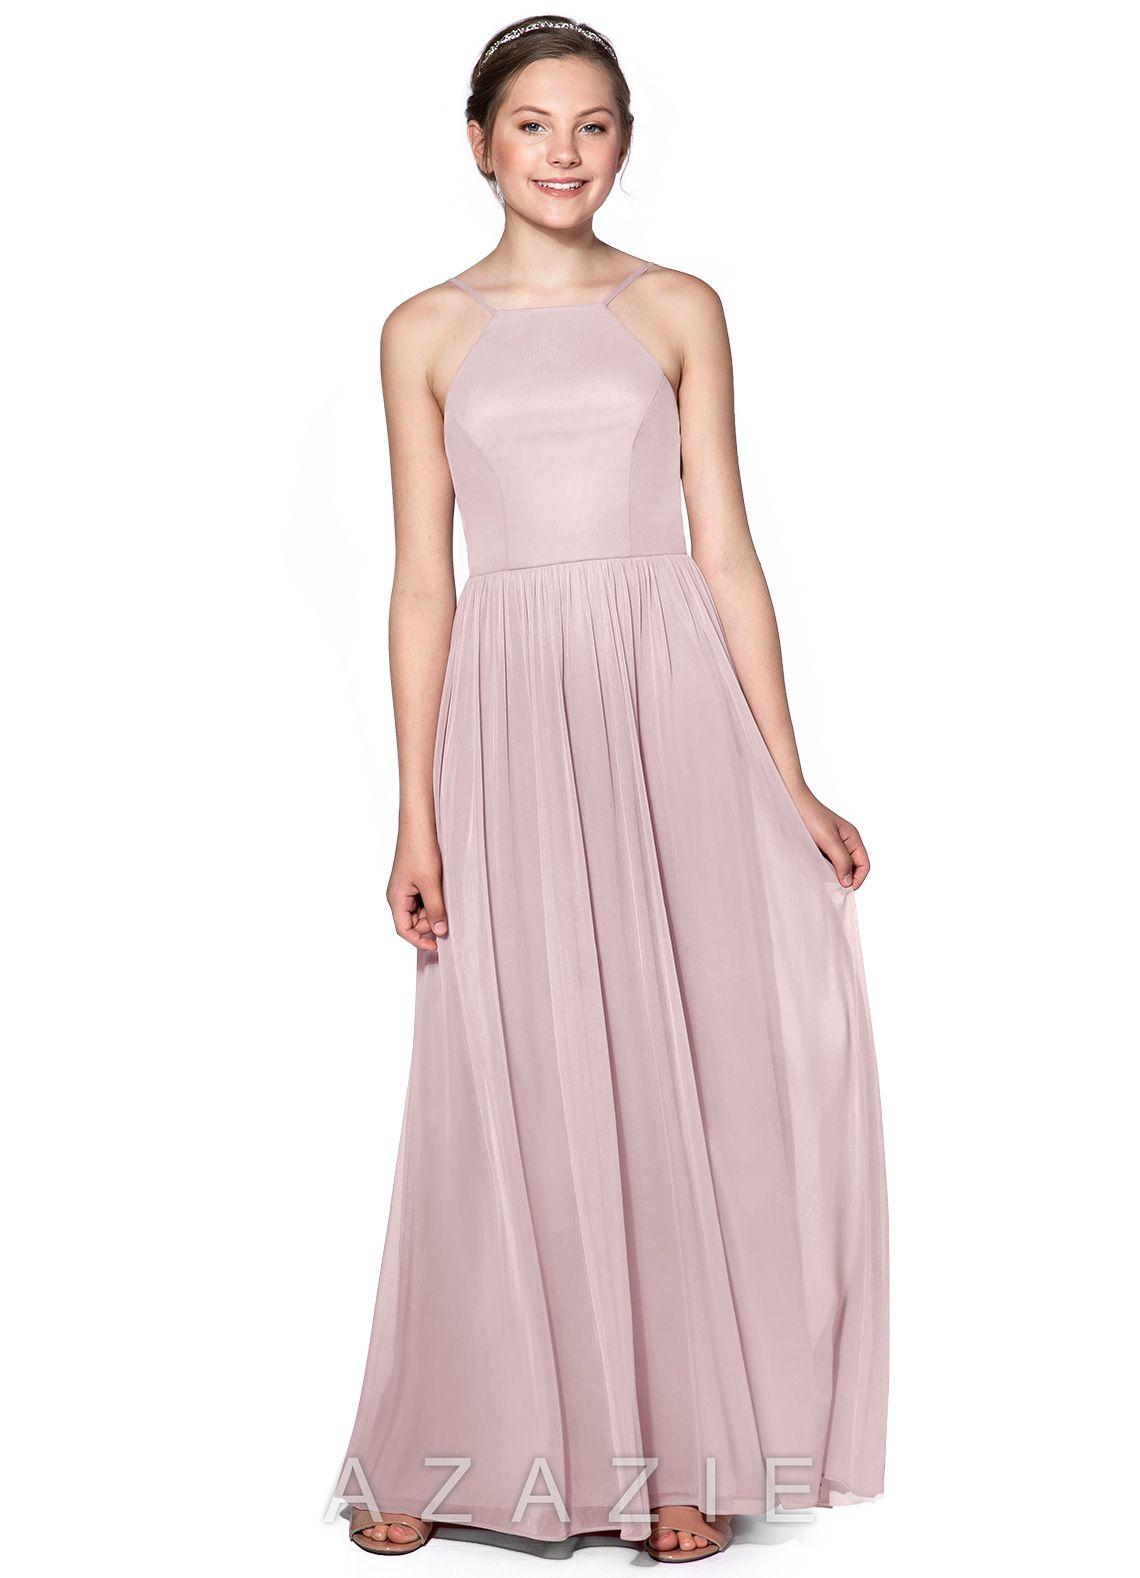 164360b4571 Azazie Brona JBD Junior Bridesmaid Dress